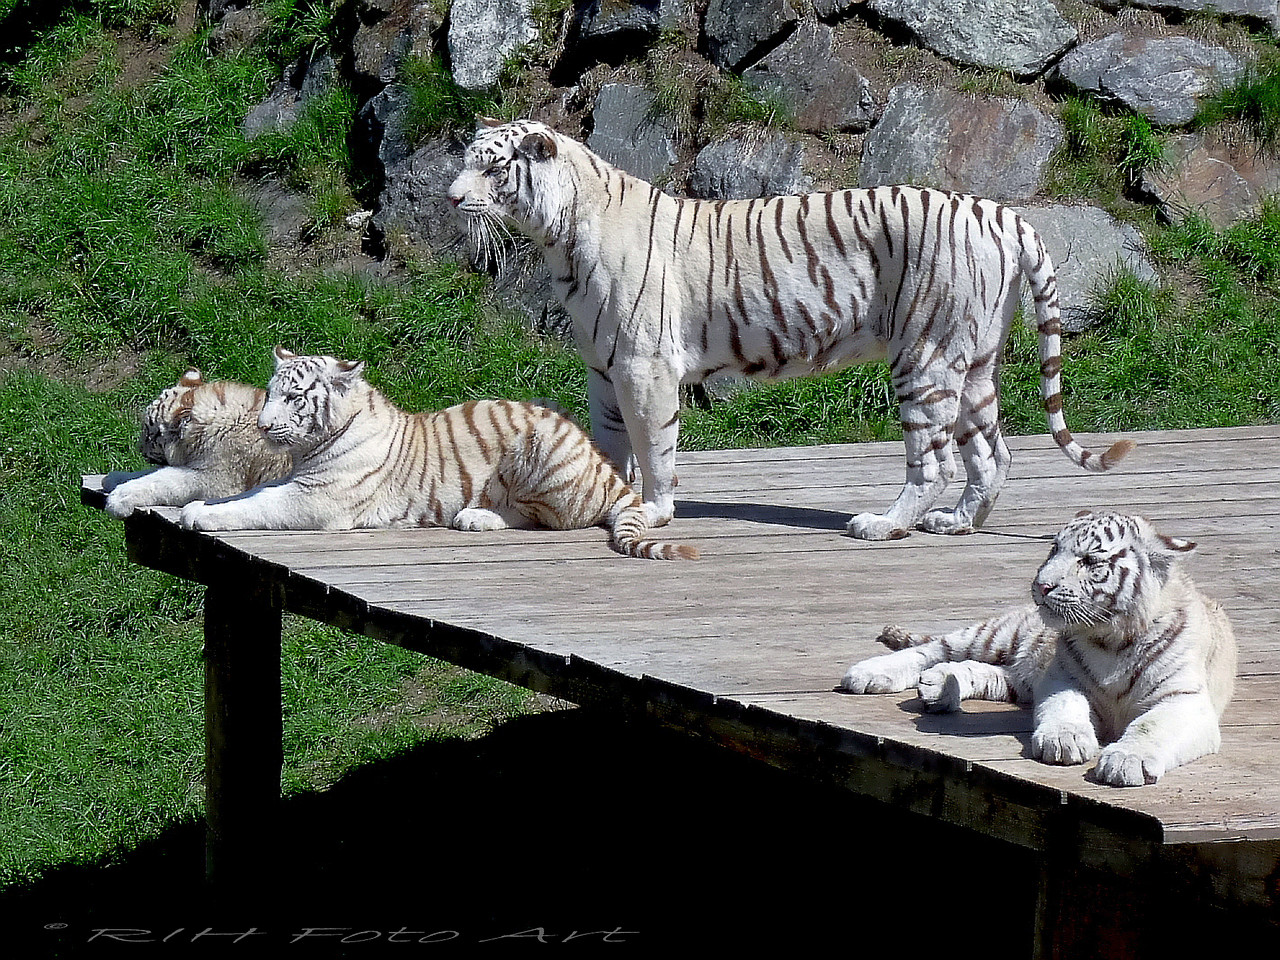 die Tigerin und ihre Drillinge